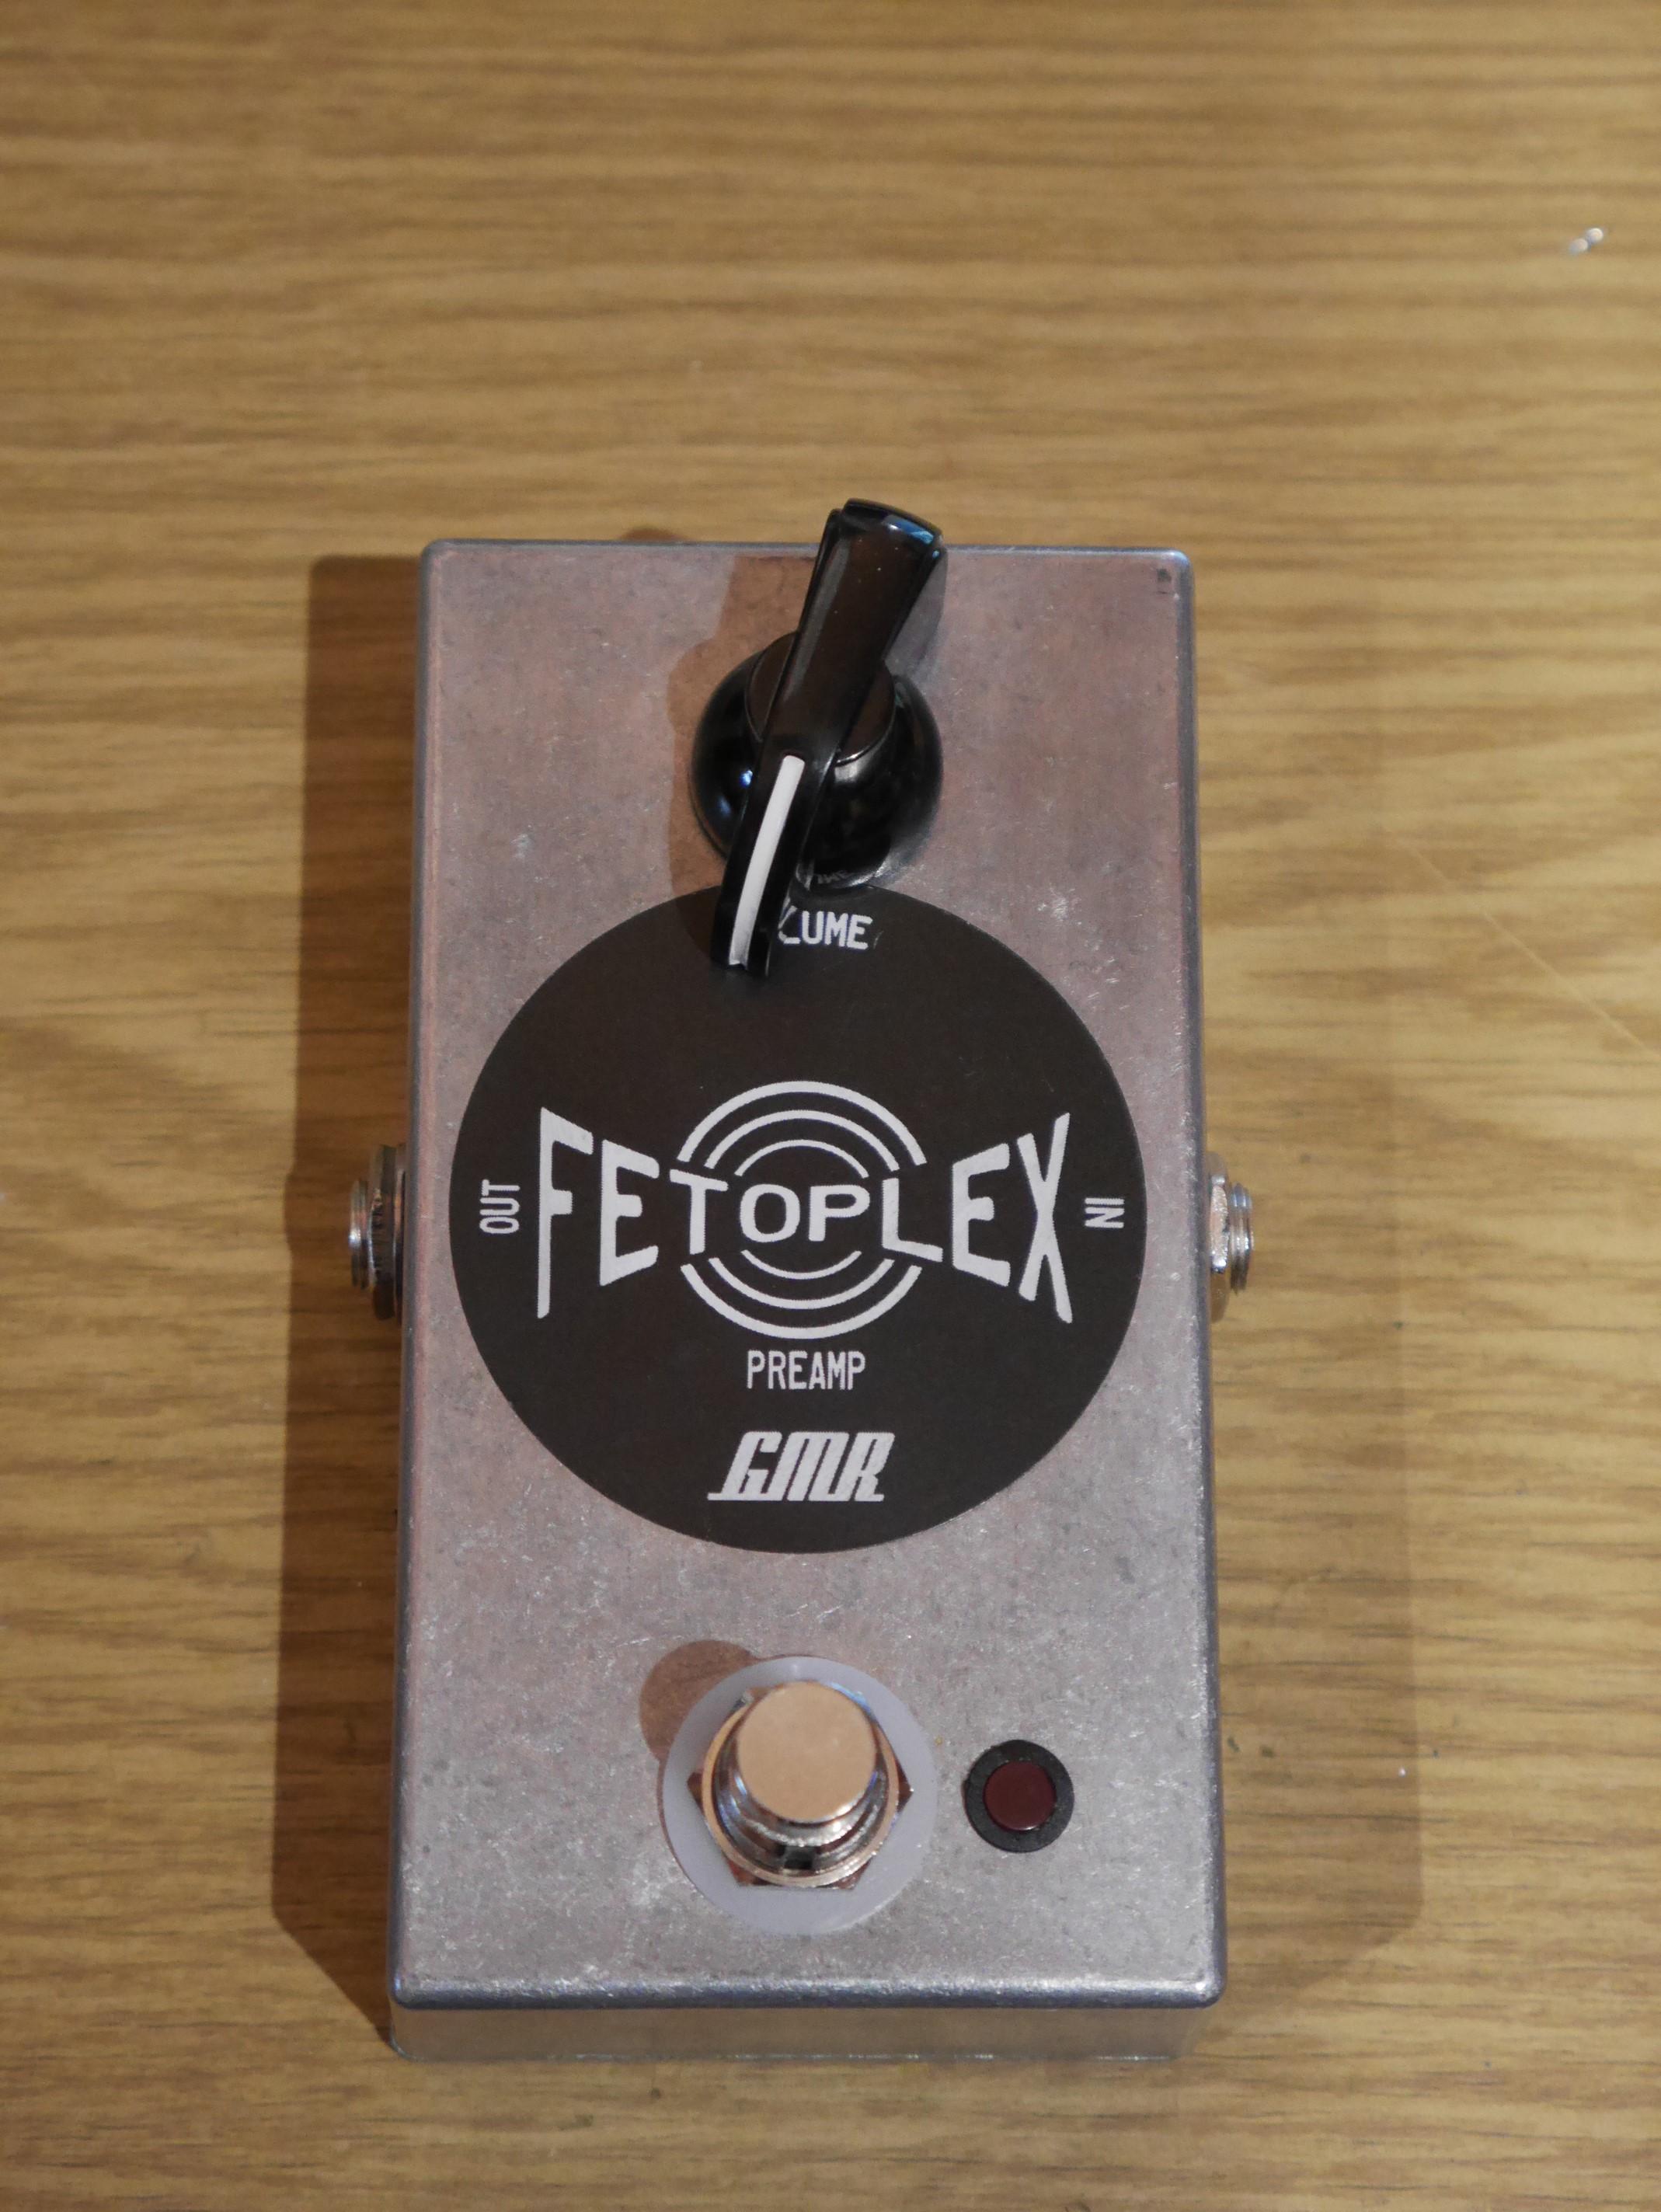 studiolaboiteameuh-preampli guitare fetoplex 7